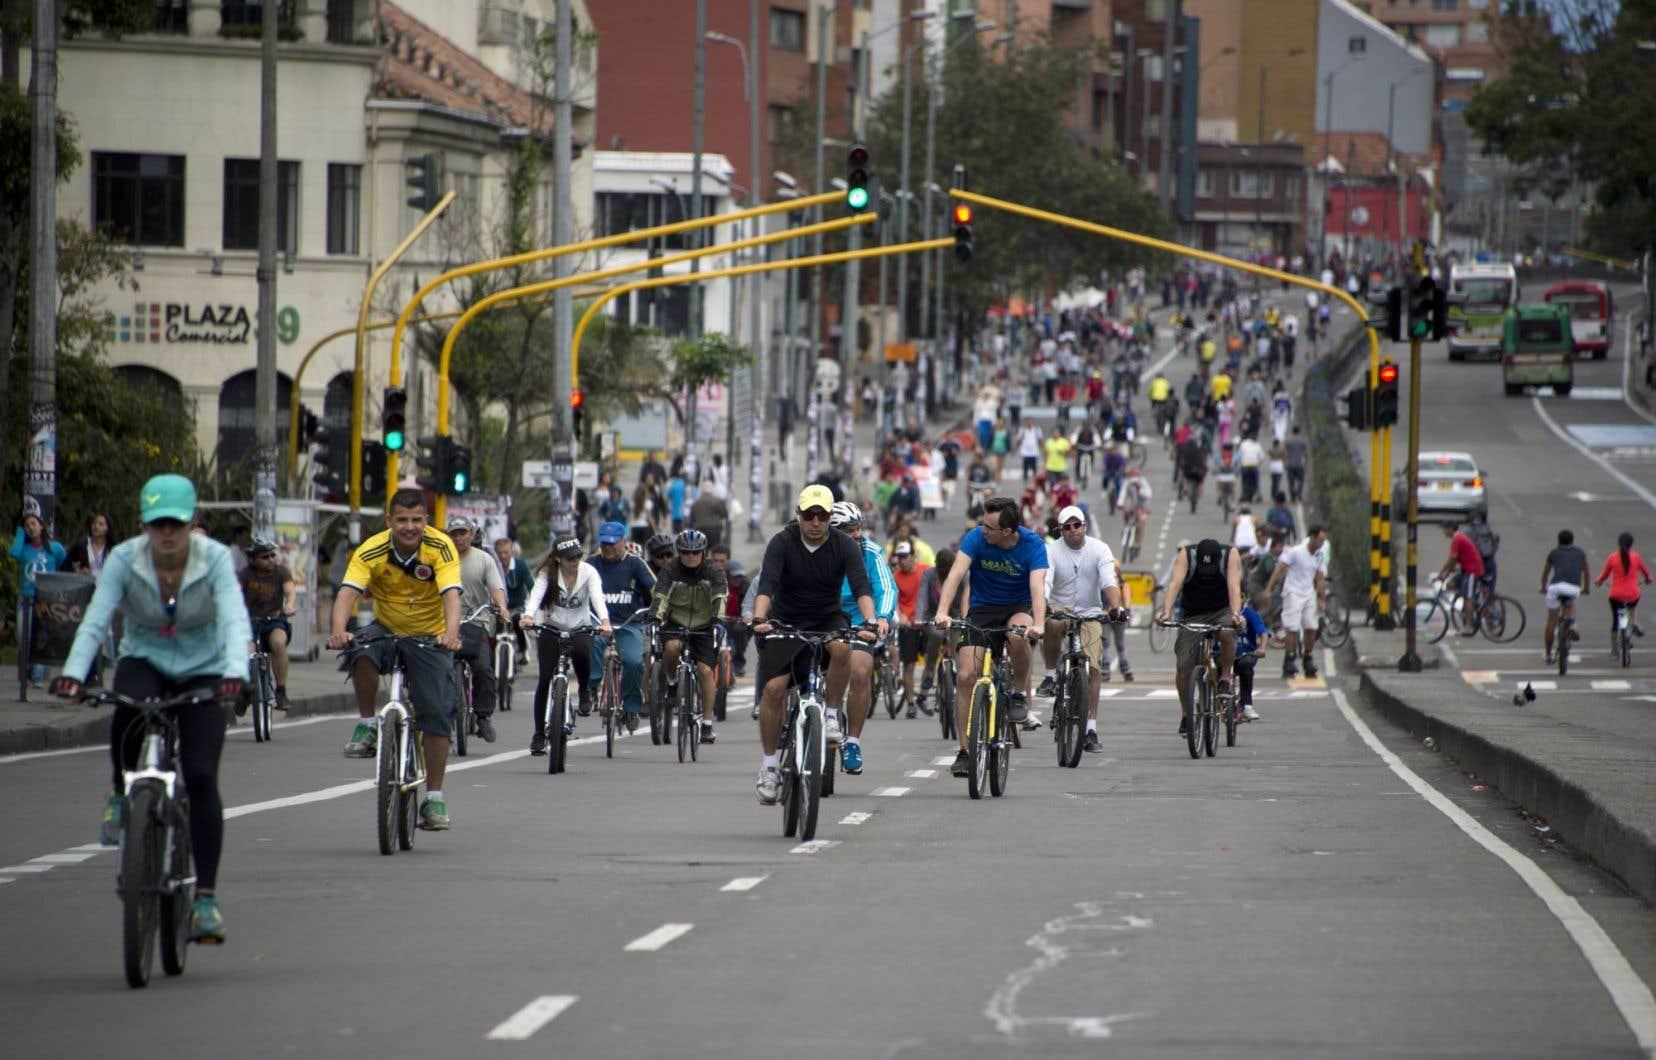 À Bogotá (notre photo) comme à Toronto, les promeneurs du dimanche sont désormais des cyclistes. Plusieurs villes ont en effet pris l'initiative de fermer chaque semaine de larges artères pour permettre aux citoyens de circuler à vélo.